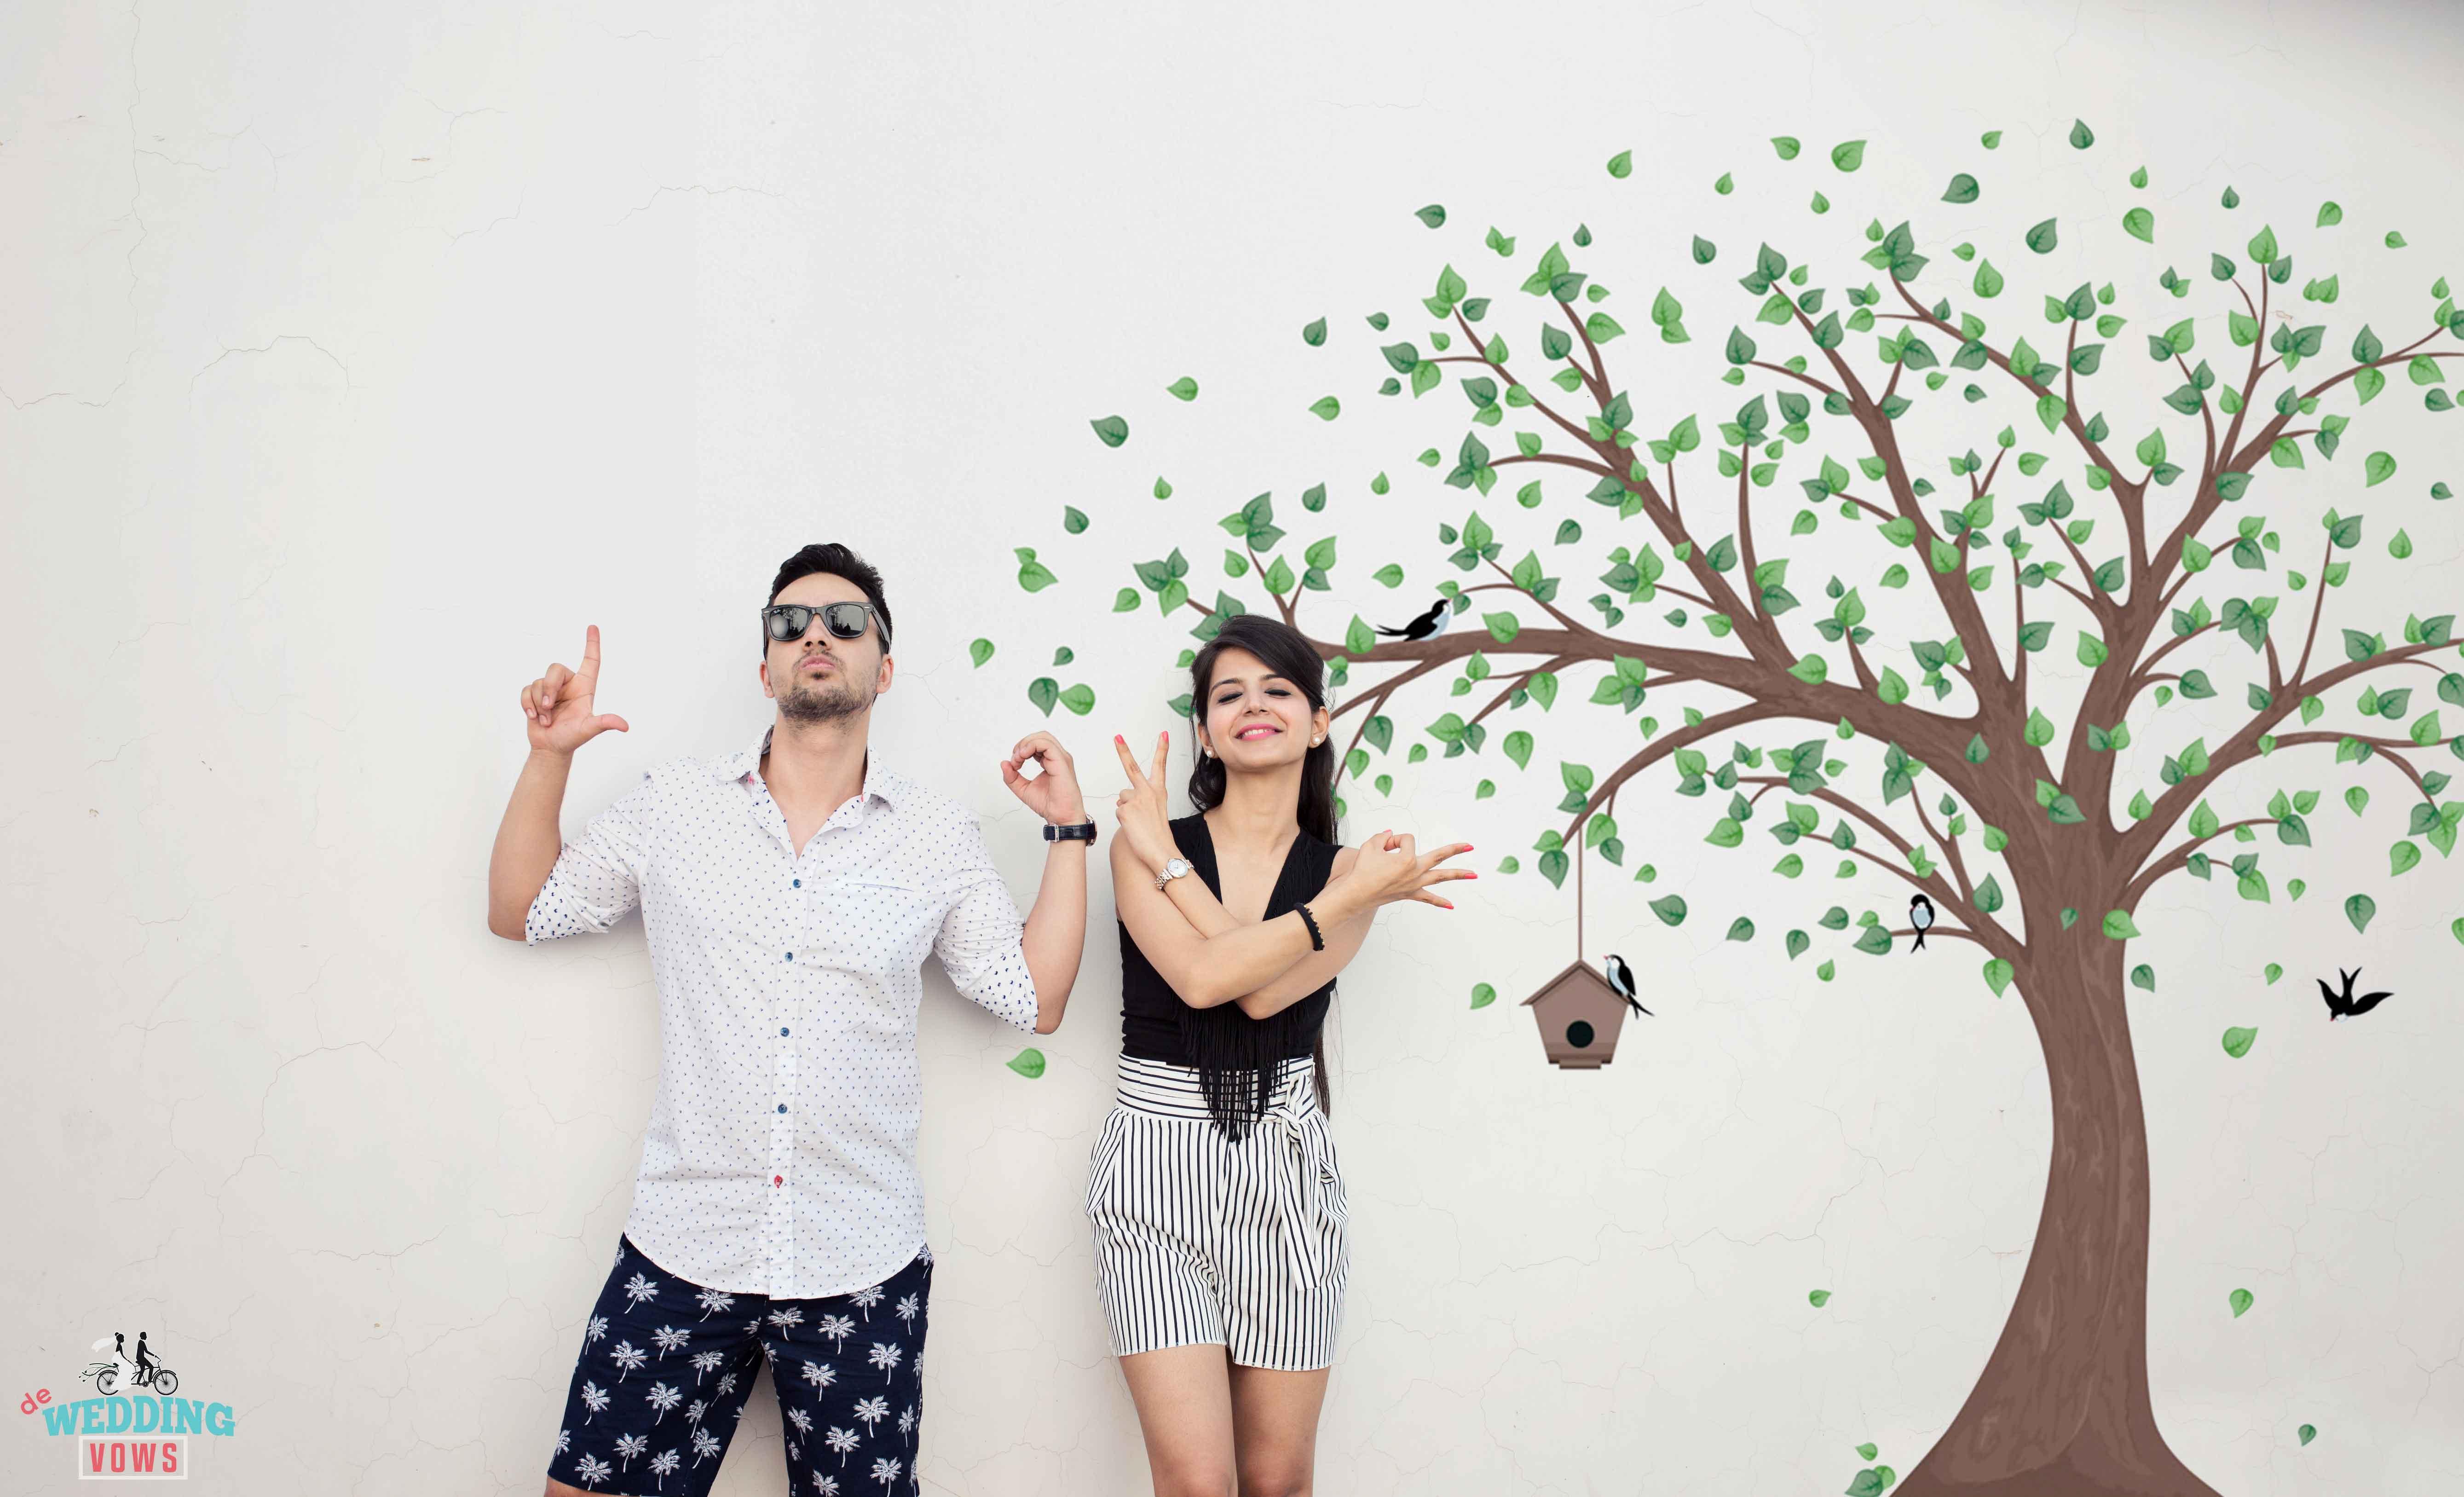 Pre Wedding Shoot Fun ideas - Shaadiwish